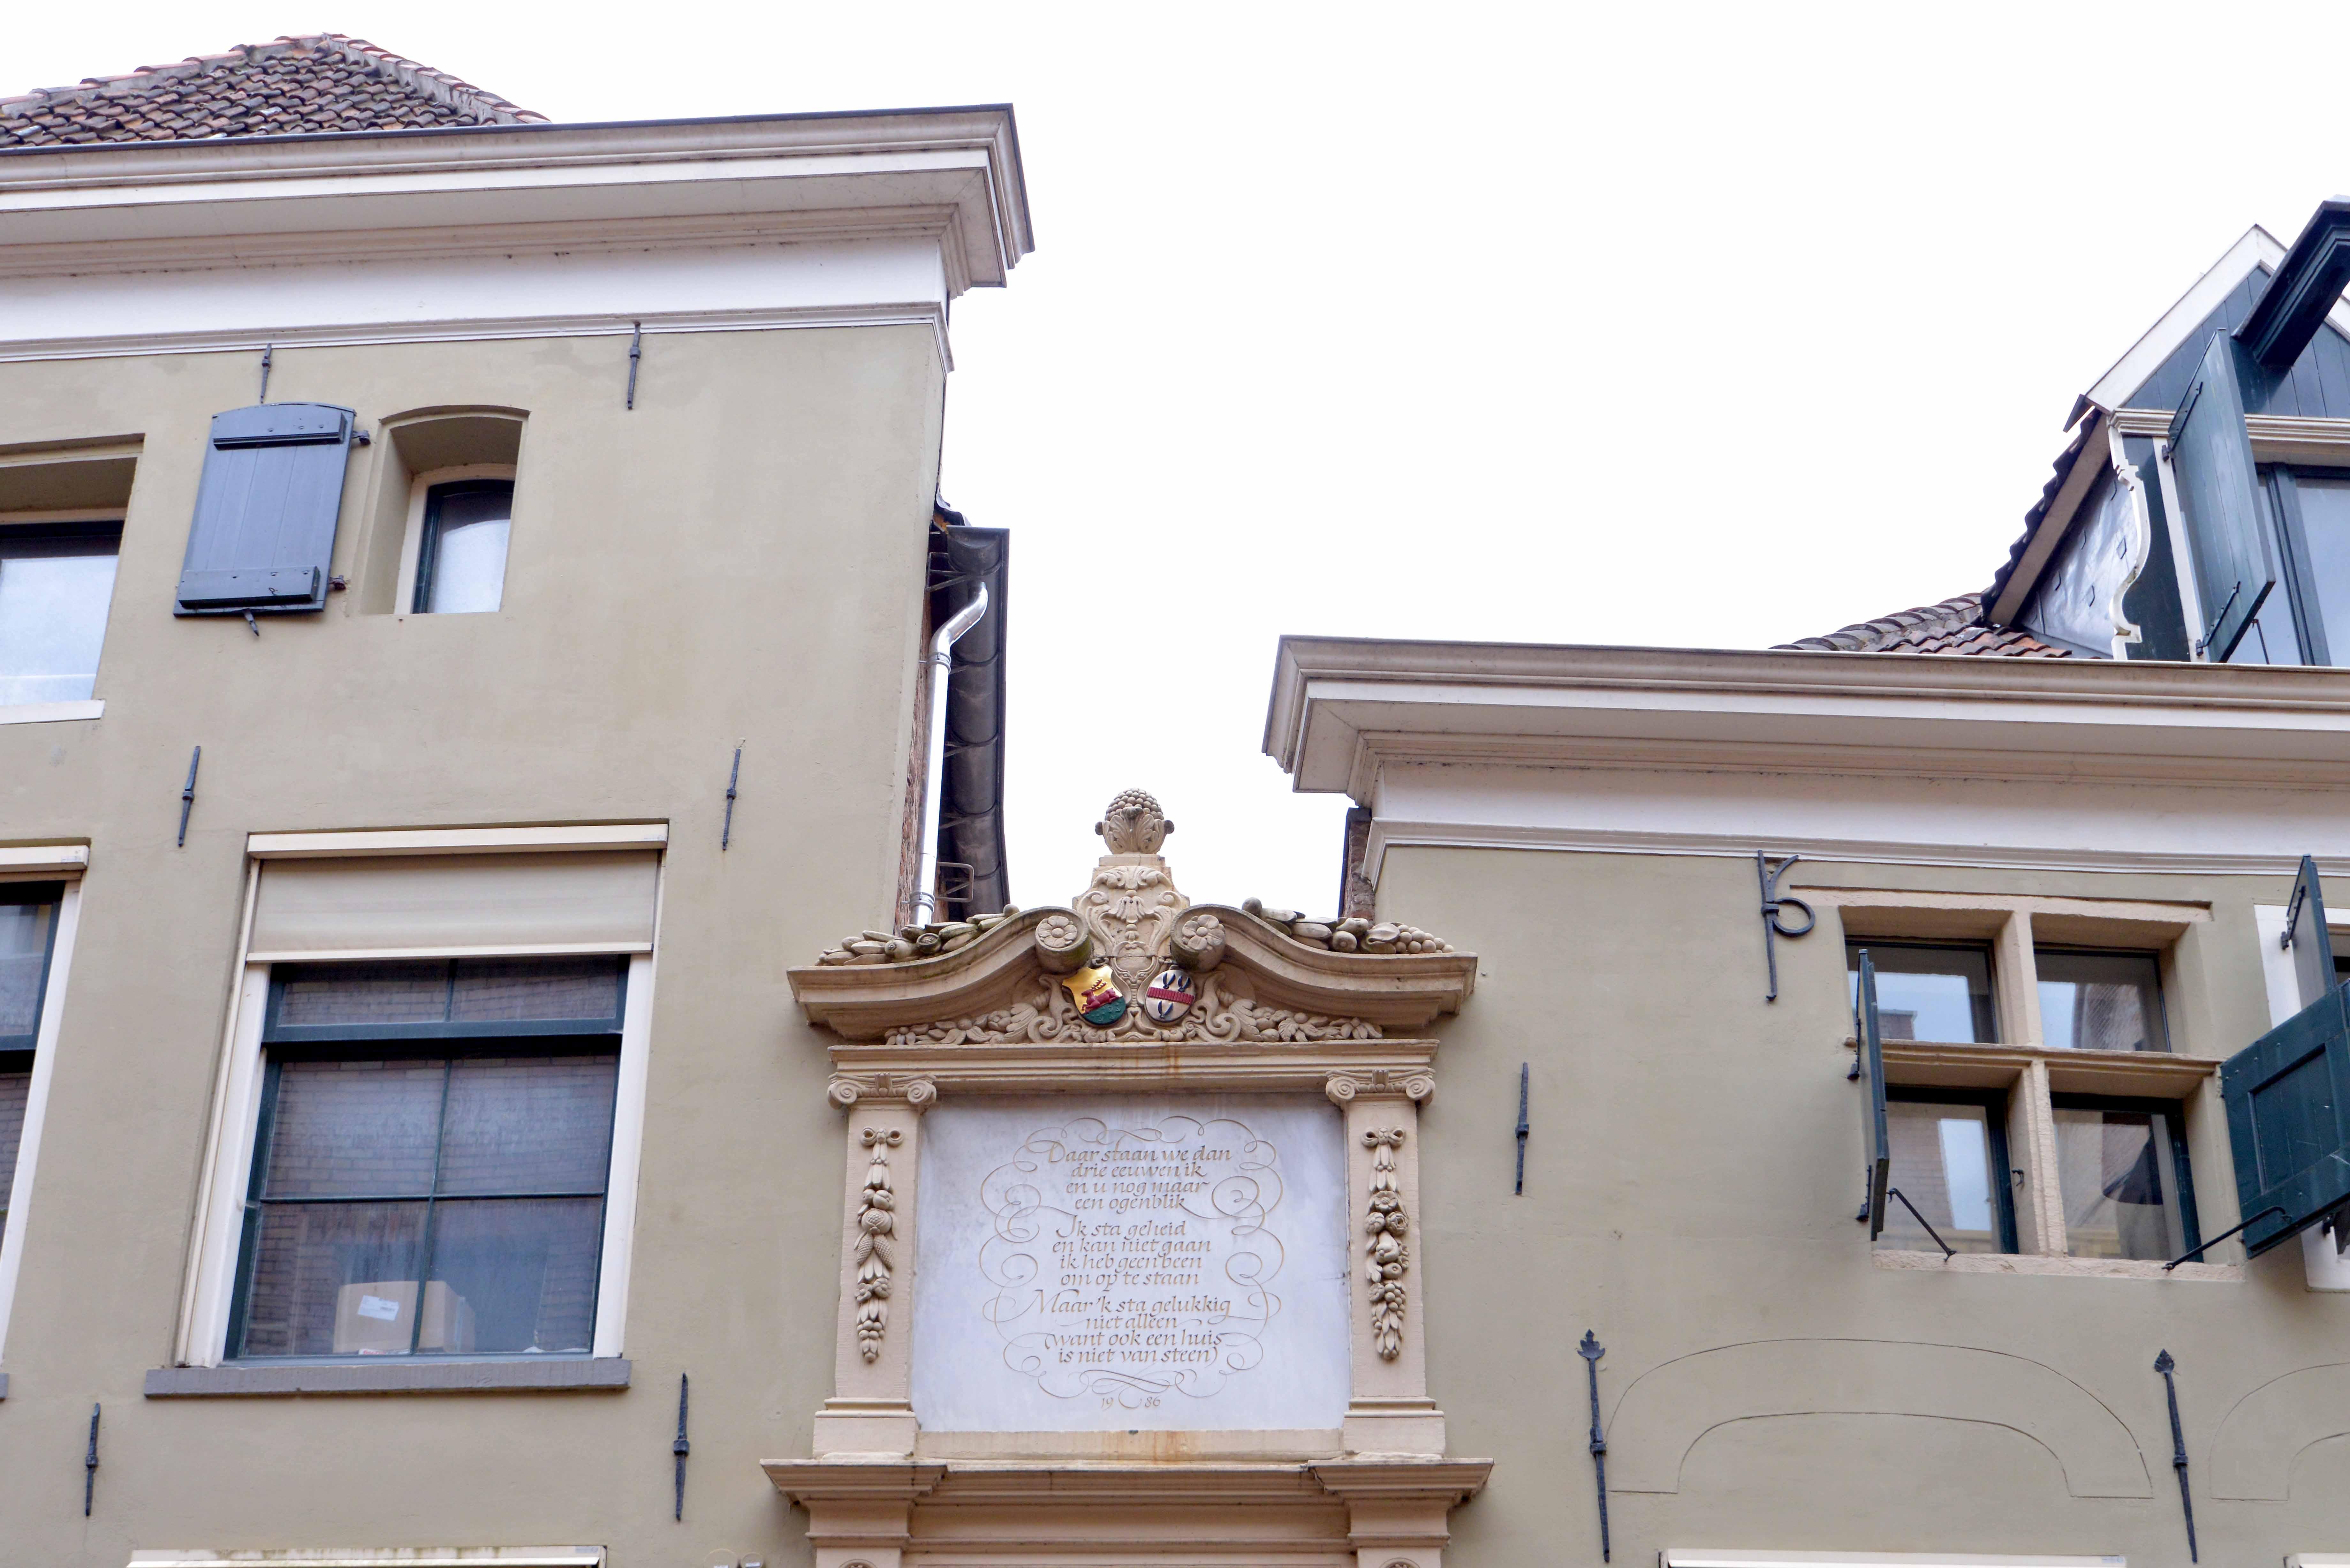 Polstraat detail